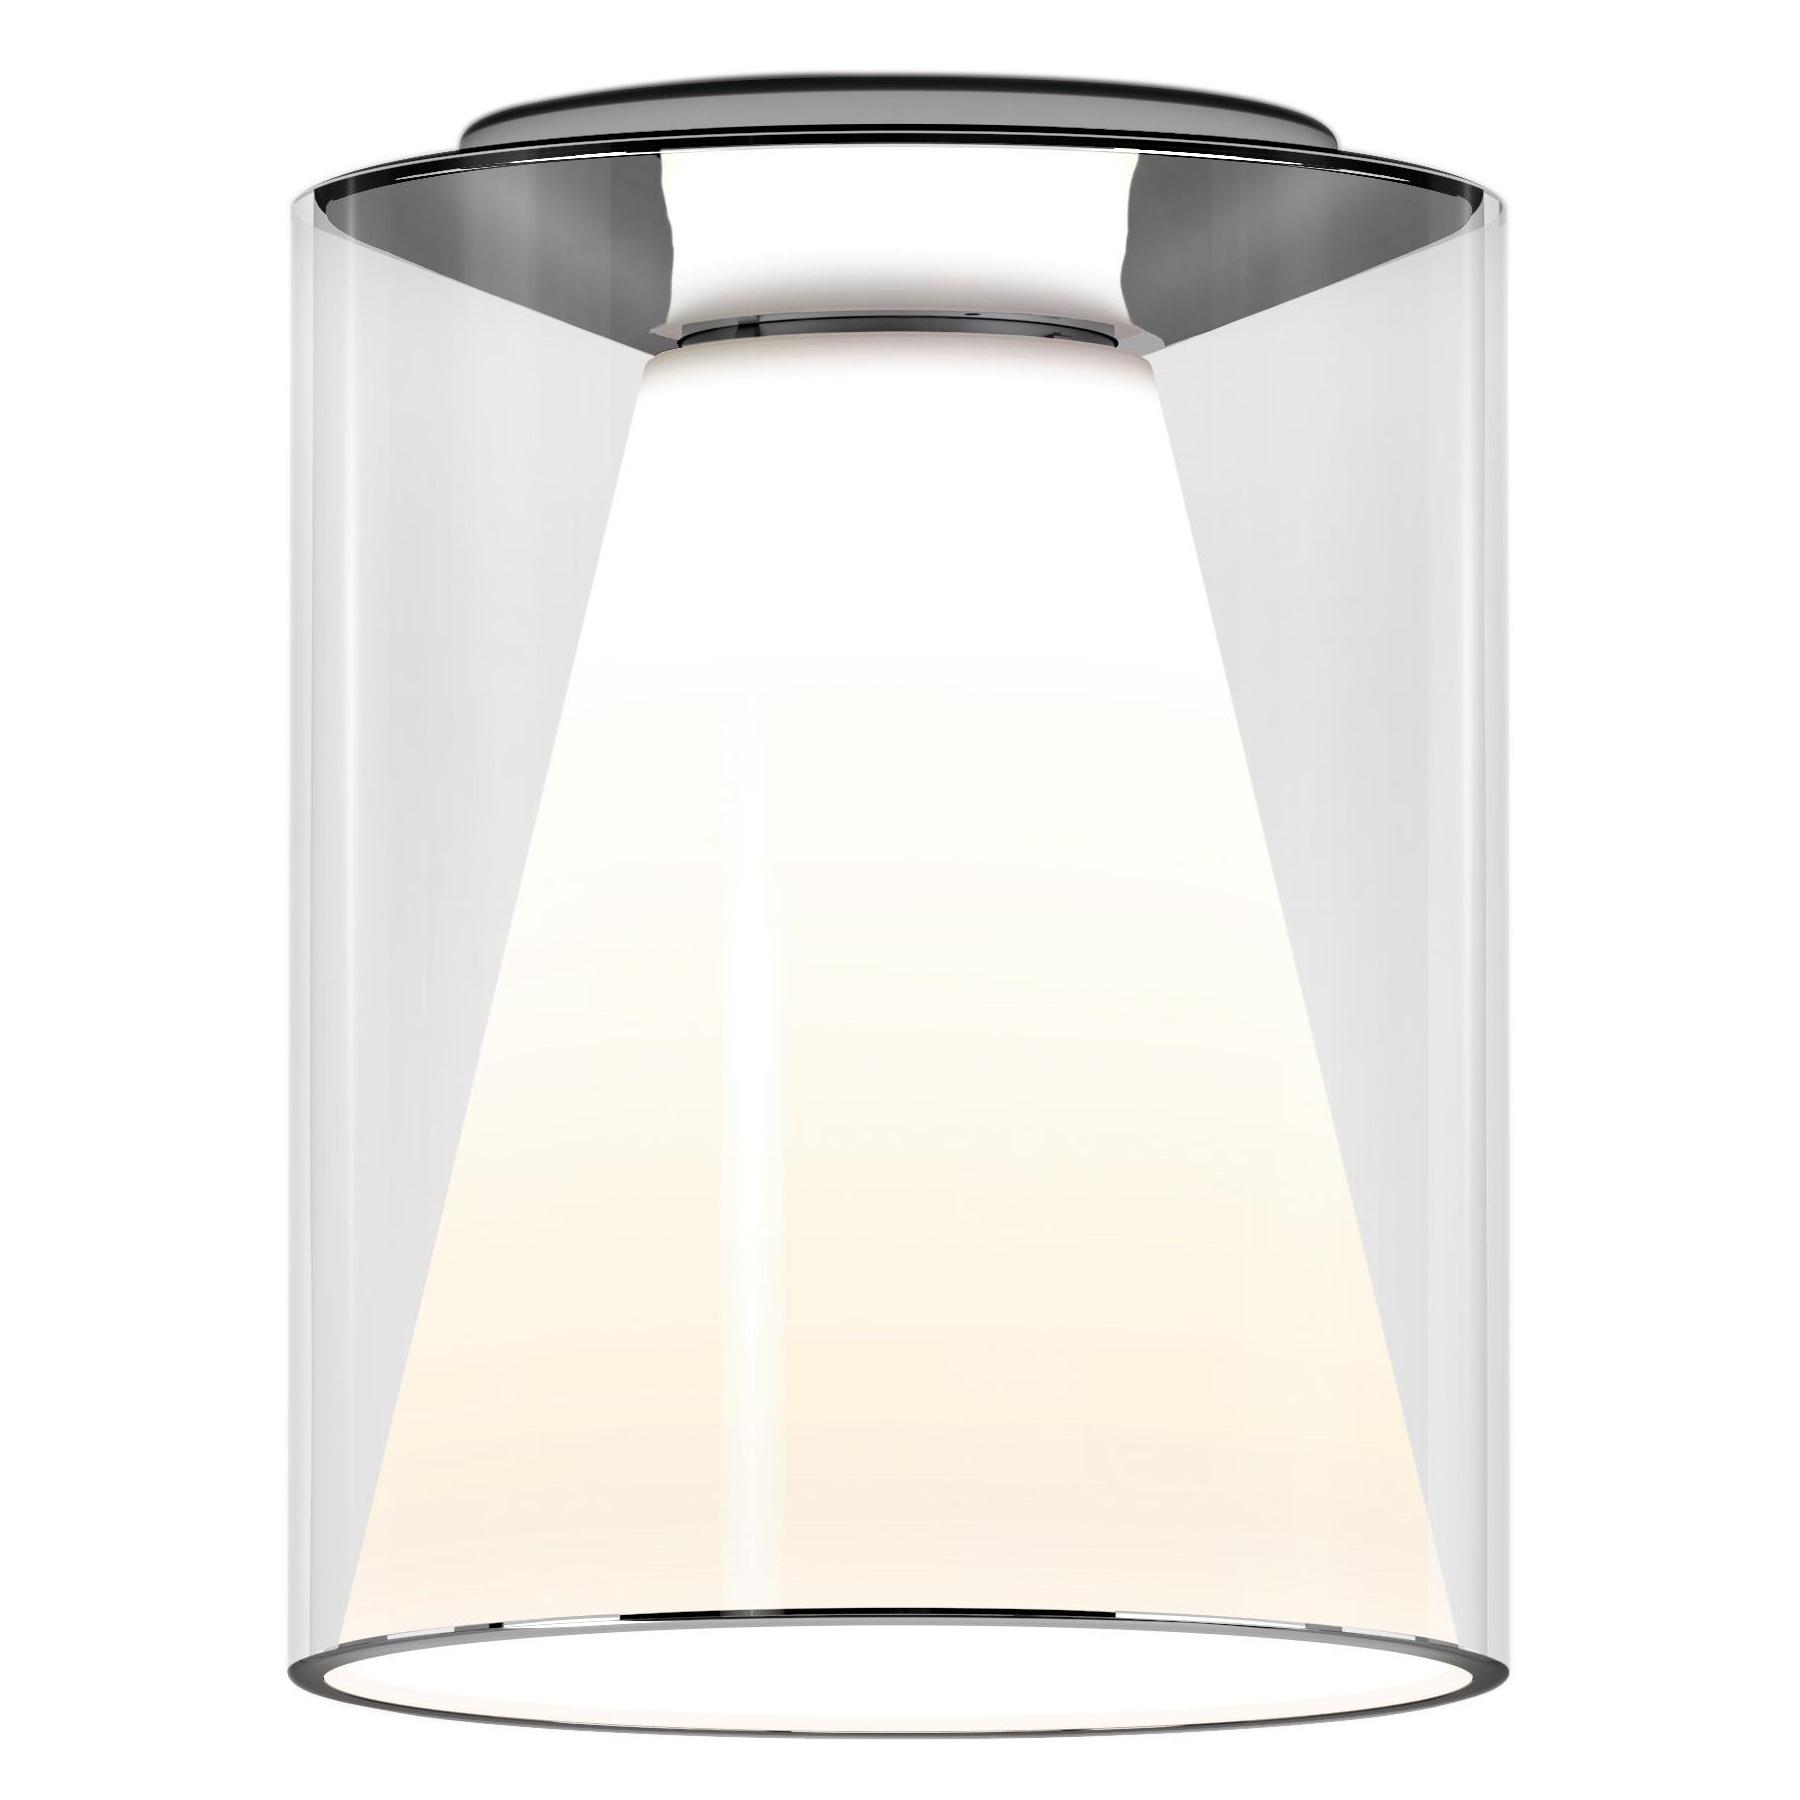 Serien - Drum LED Deckenleuchte M Lang 2700K - transparent/H 28,5cm \\ Ø 22 günstig online kaufen